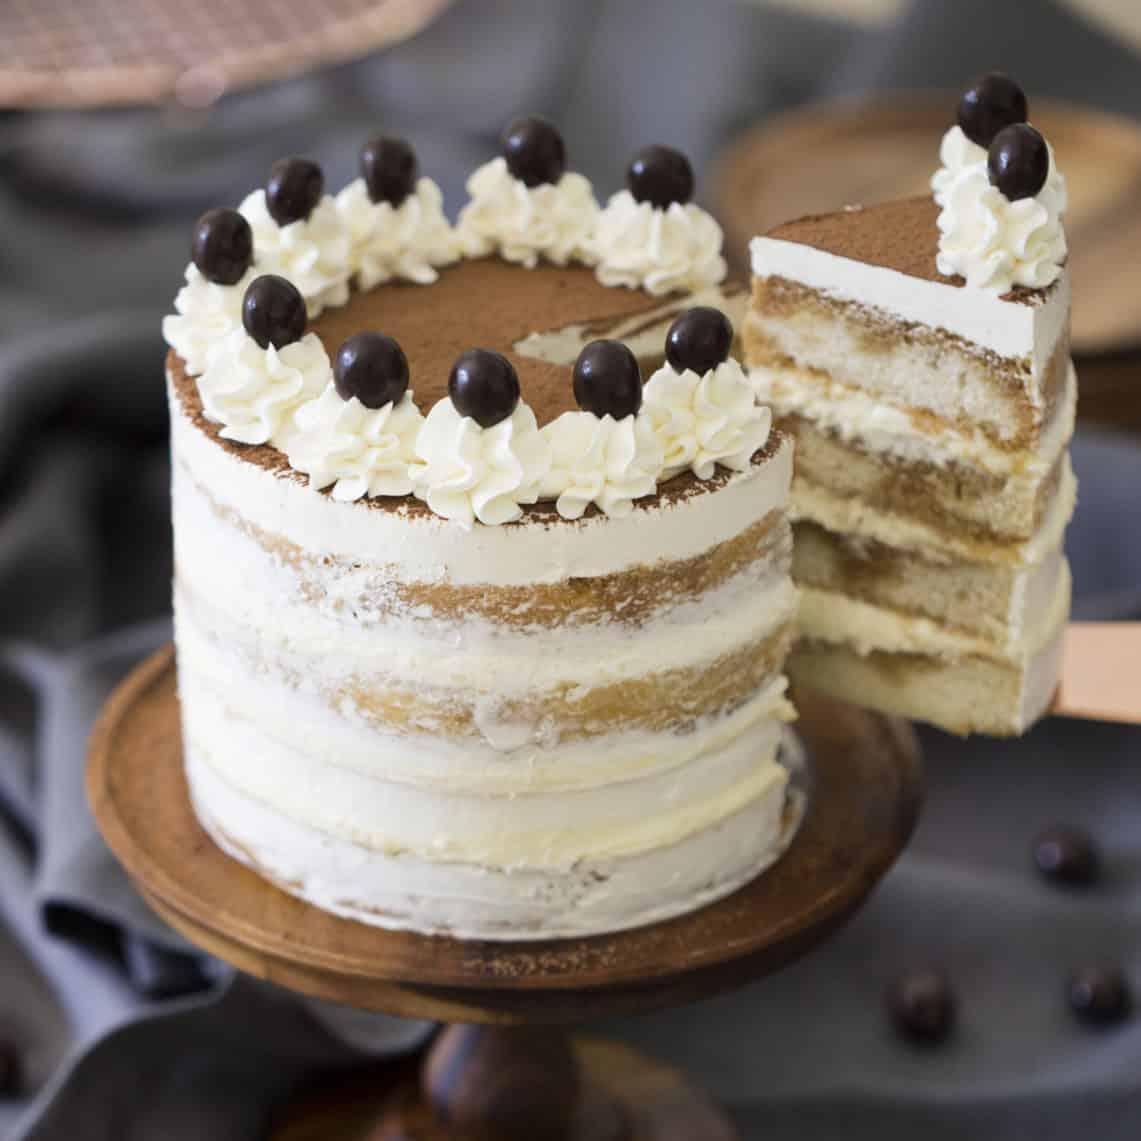 Tiêu chuẩn chọn bánh kem tphcm là như thế nào?